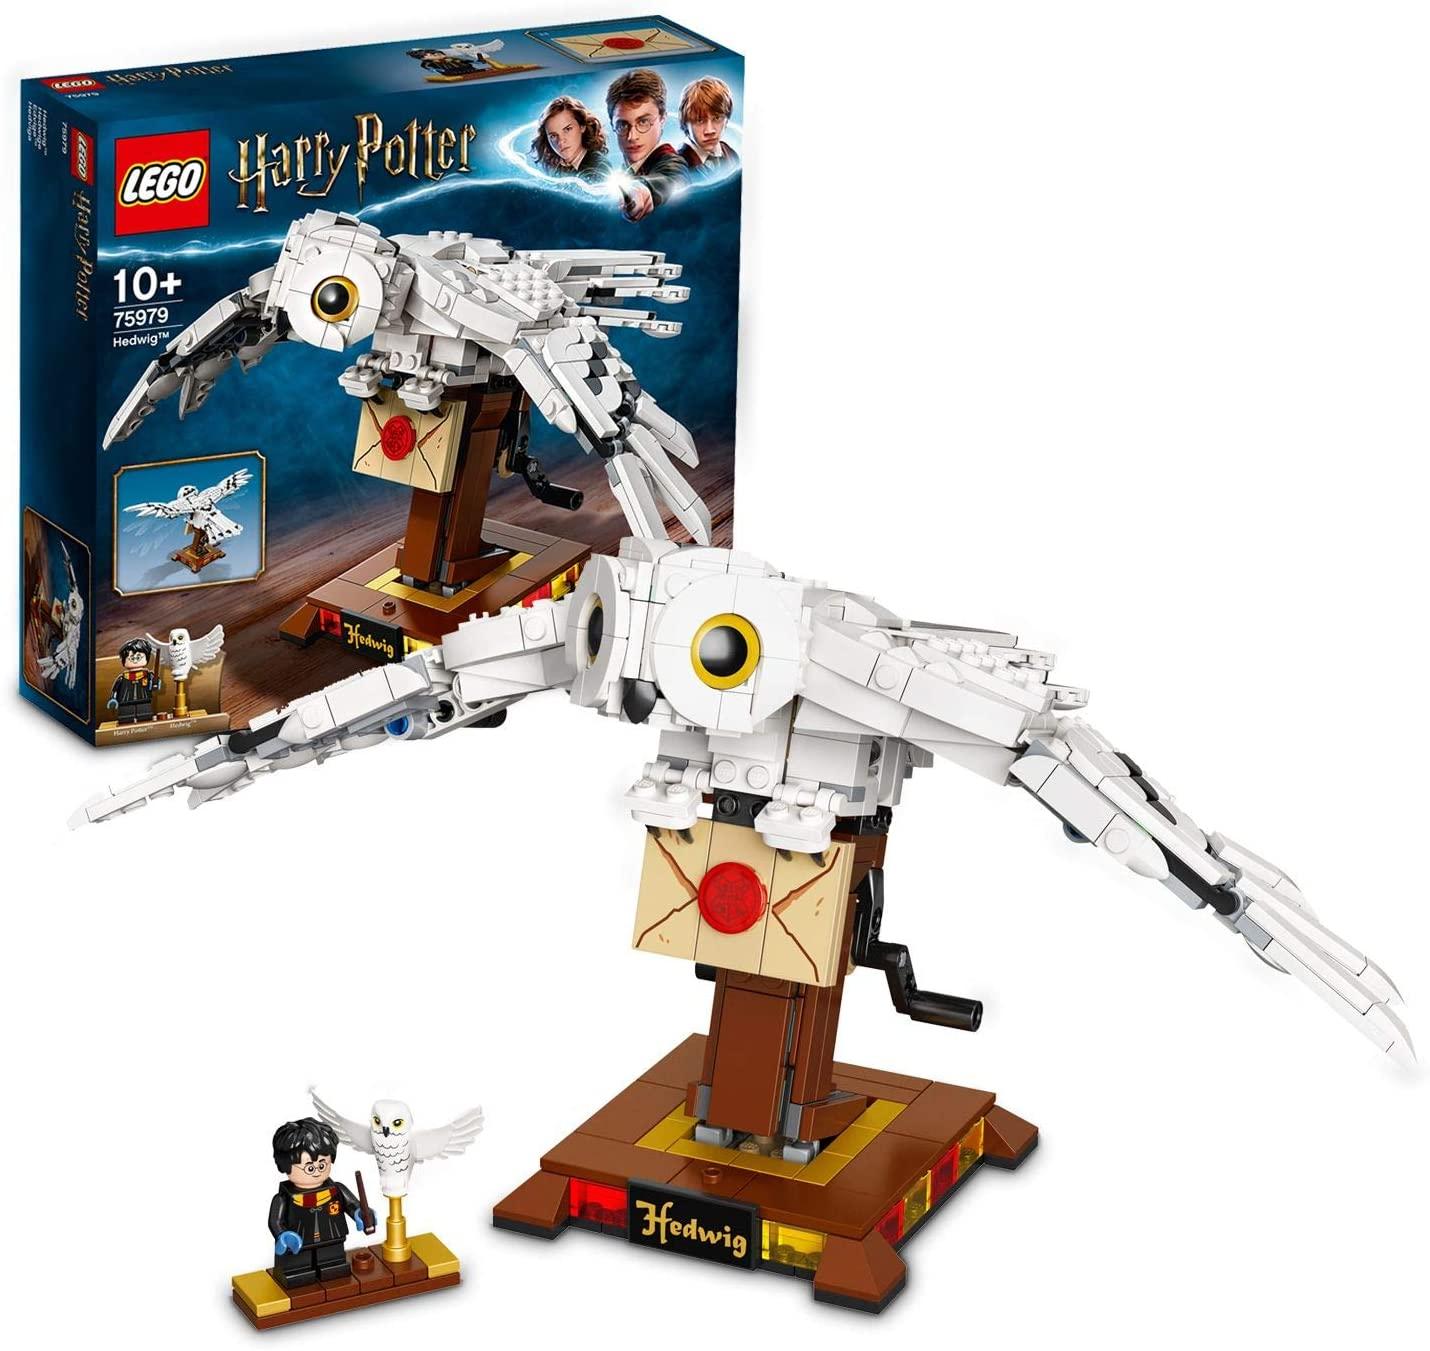 LEGO Harry Potter Hedwig - 75979 @ Amazon.nl